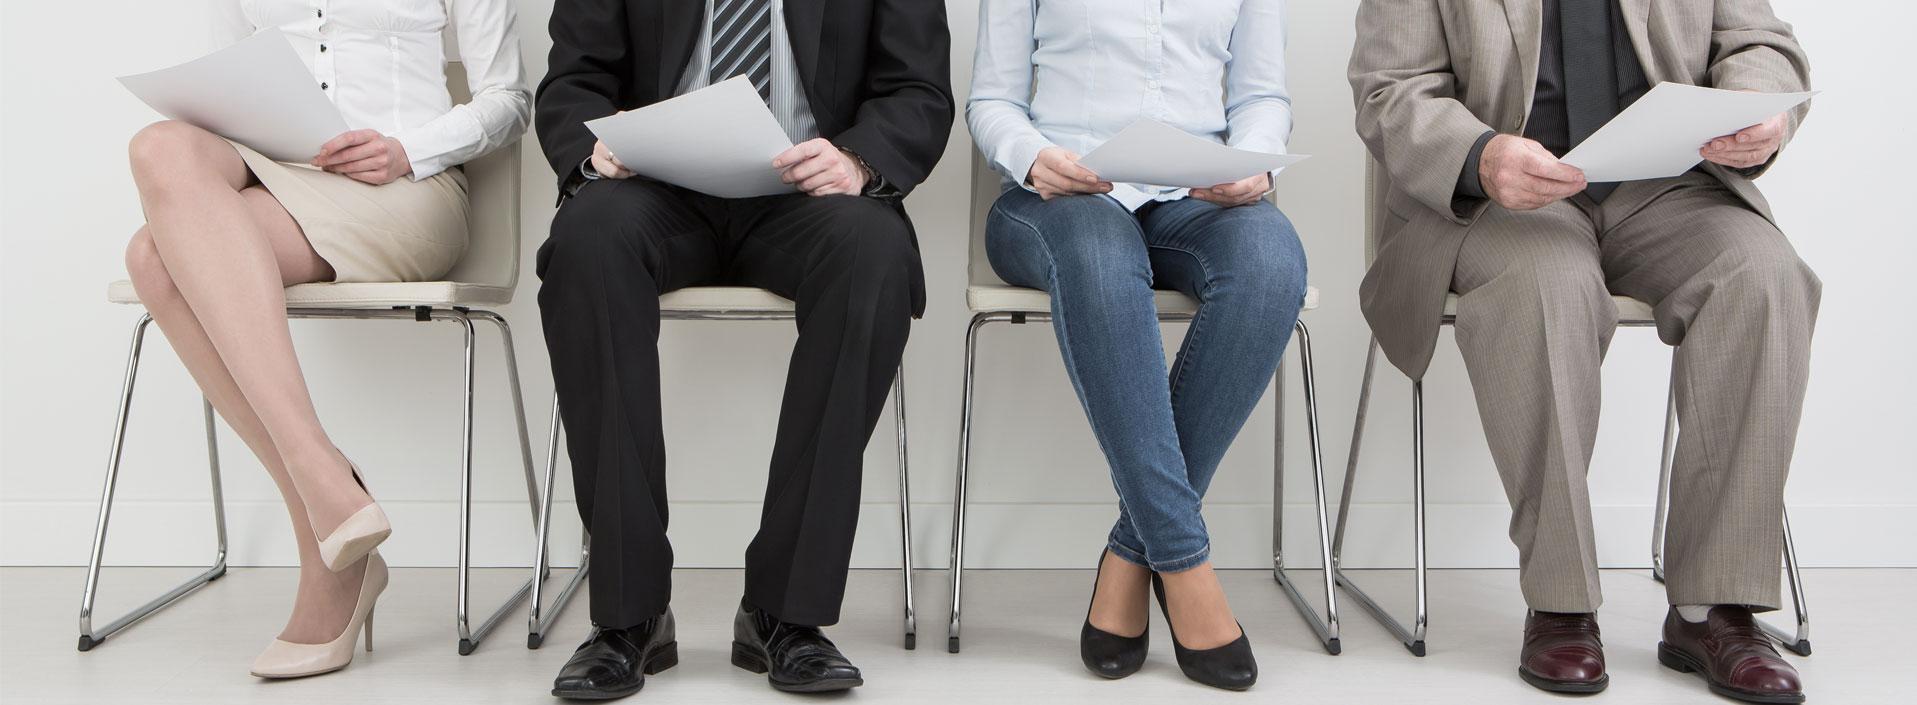 Recruiting : ricevi fino a 4 preventivi gratuiti